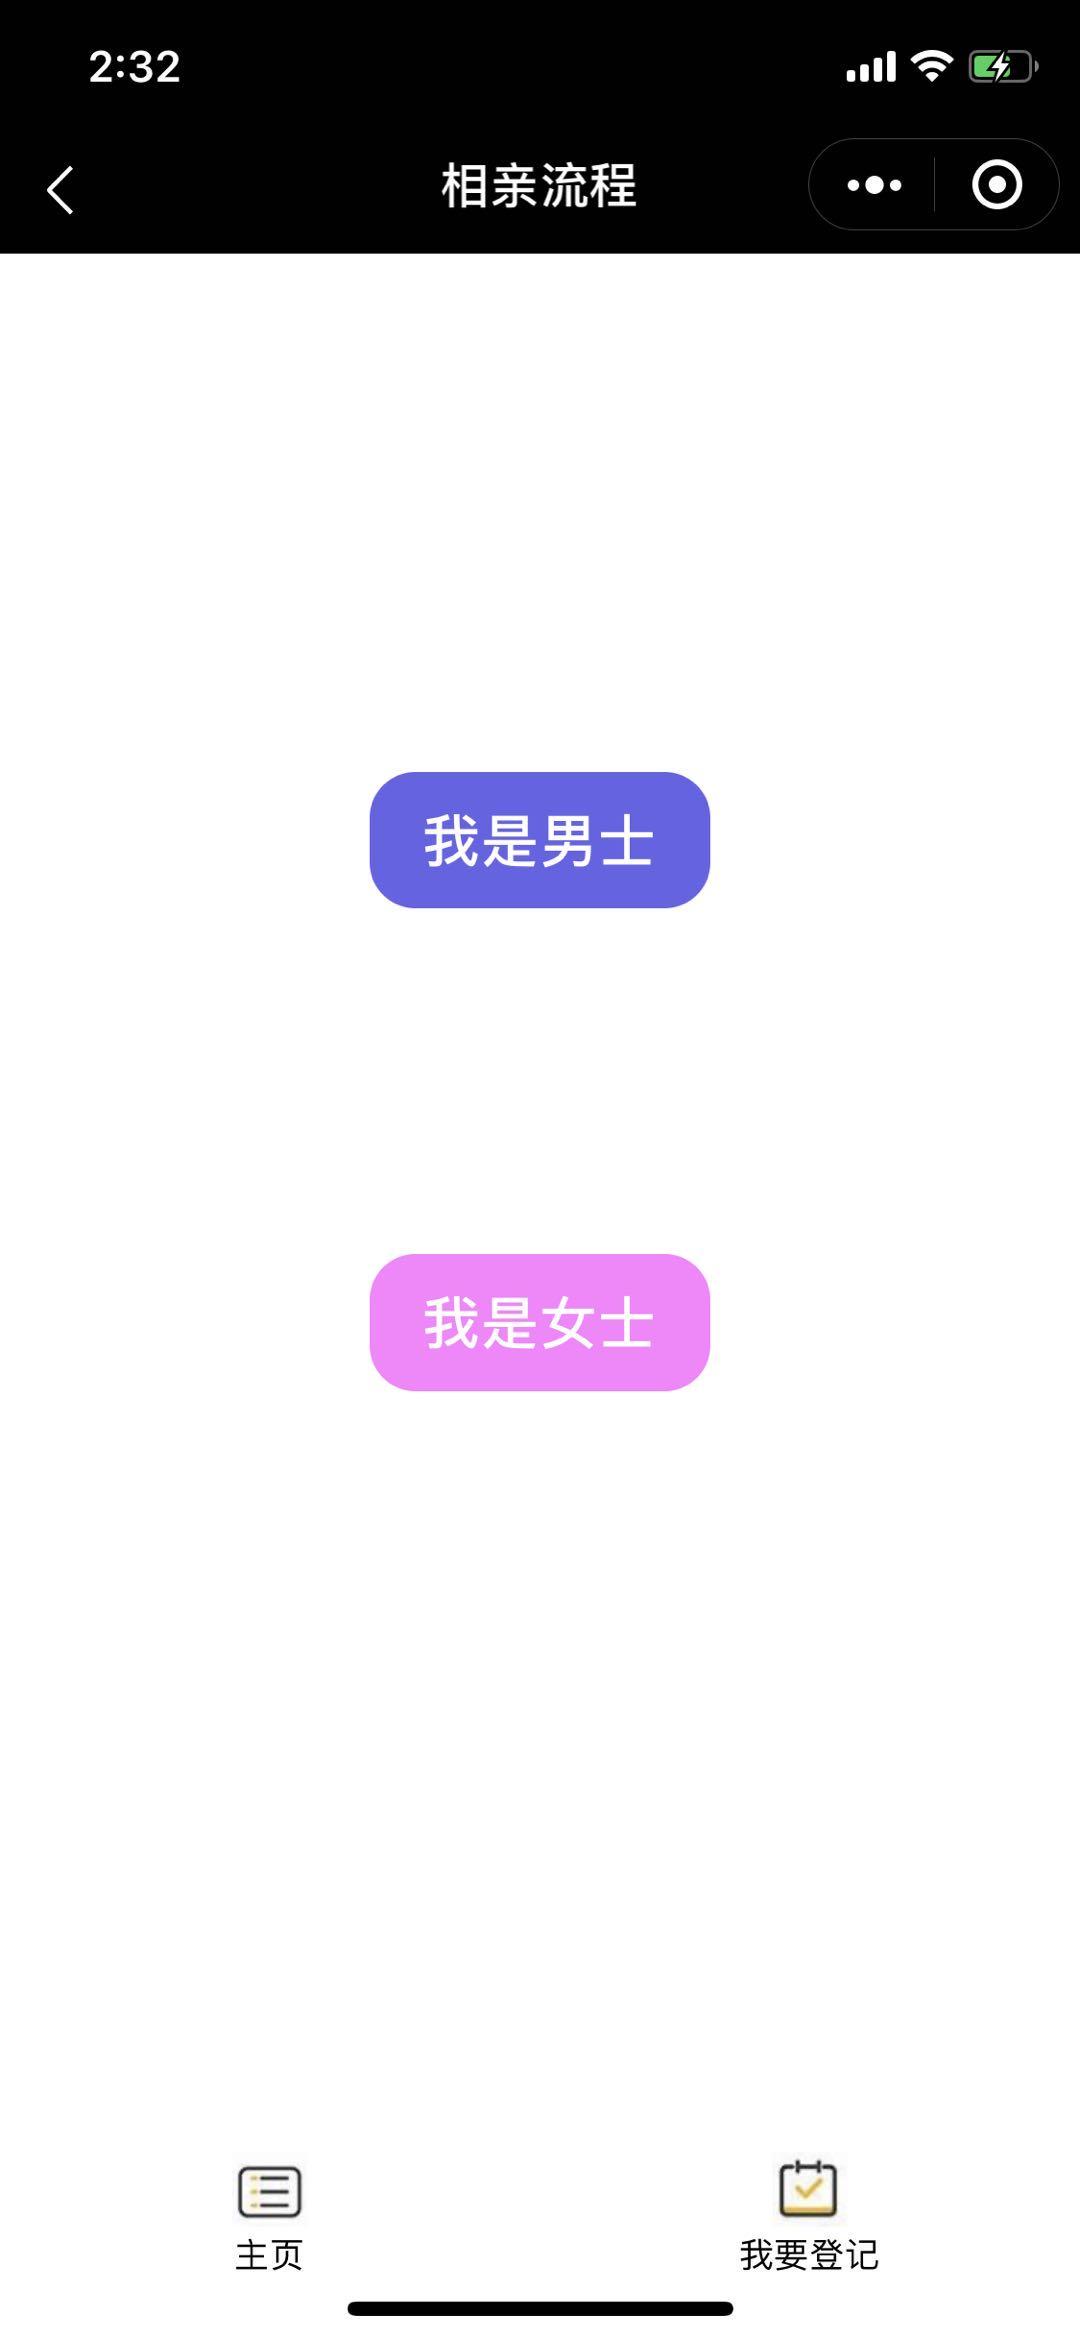 微信一伴紅娘小程序效果圖預覽